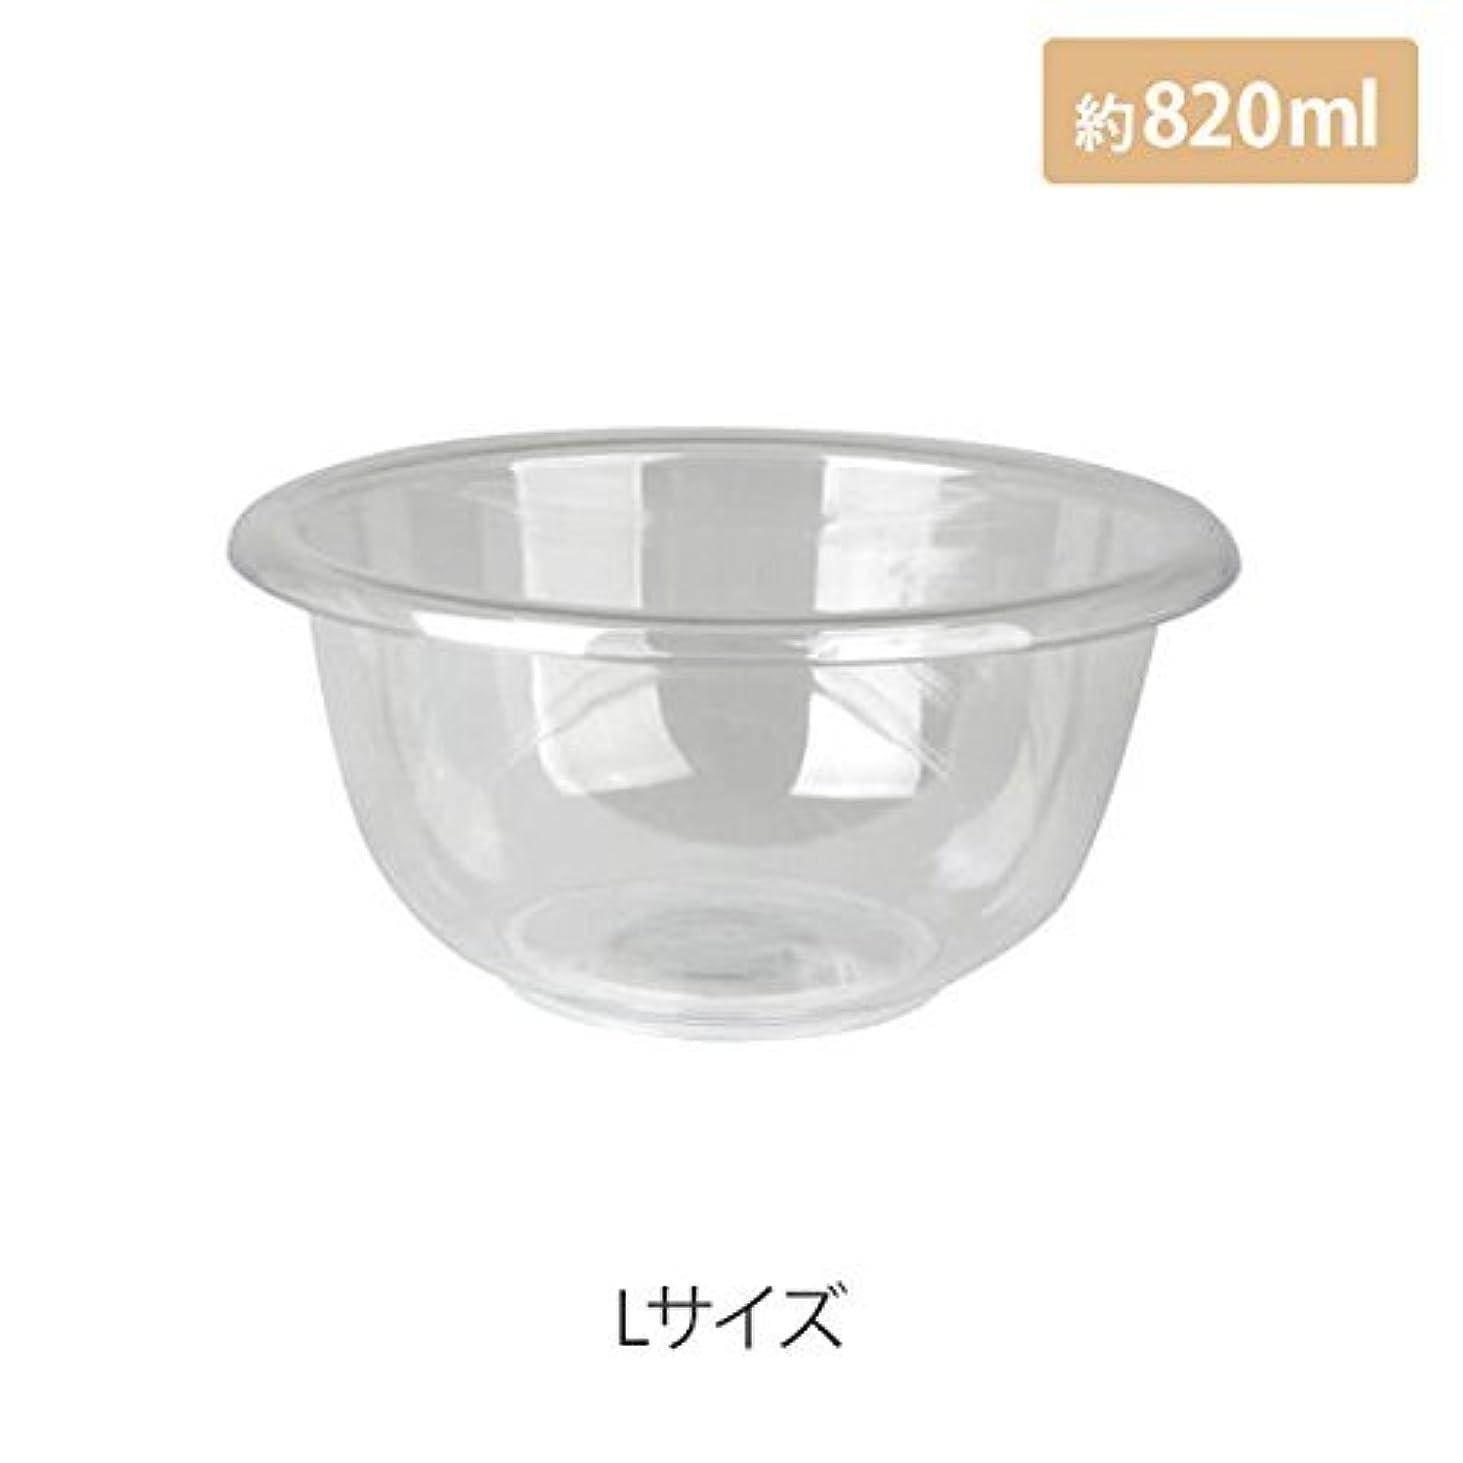 マザーランド推測するキーマイスター プラスティックボウル (Lサイズ) クリア 直径19.5cm [ プラスチックボール カップボウル カップボール エステ サロン プラスチック ボウル カップ 割れない ]